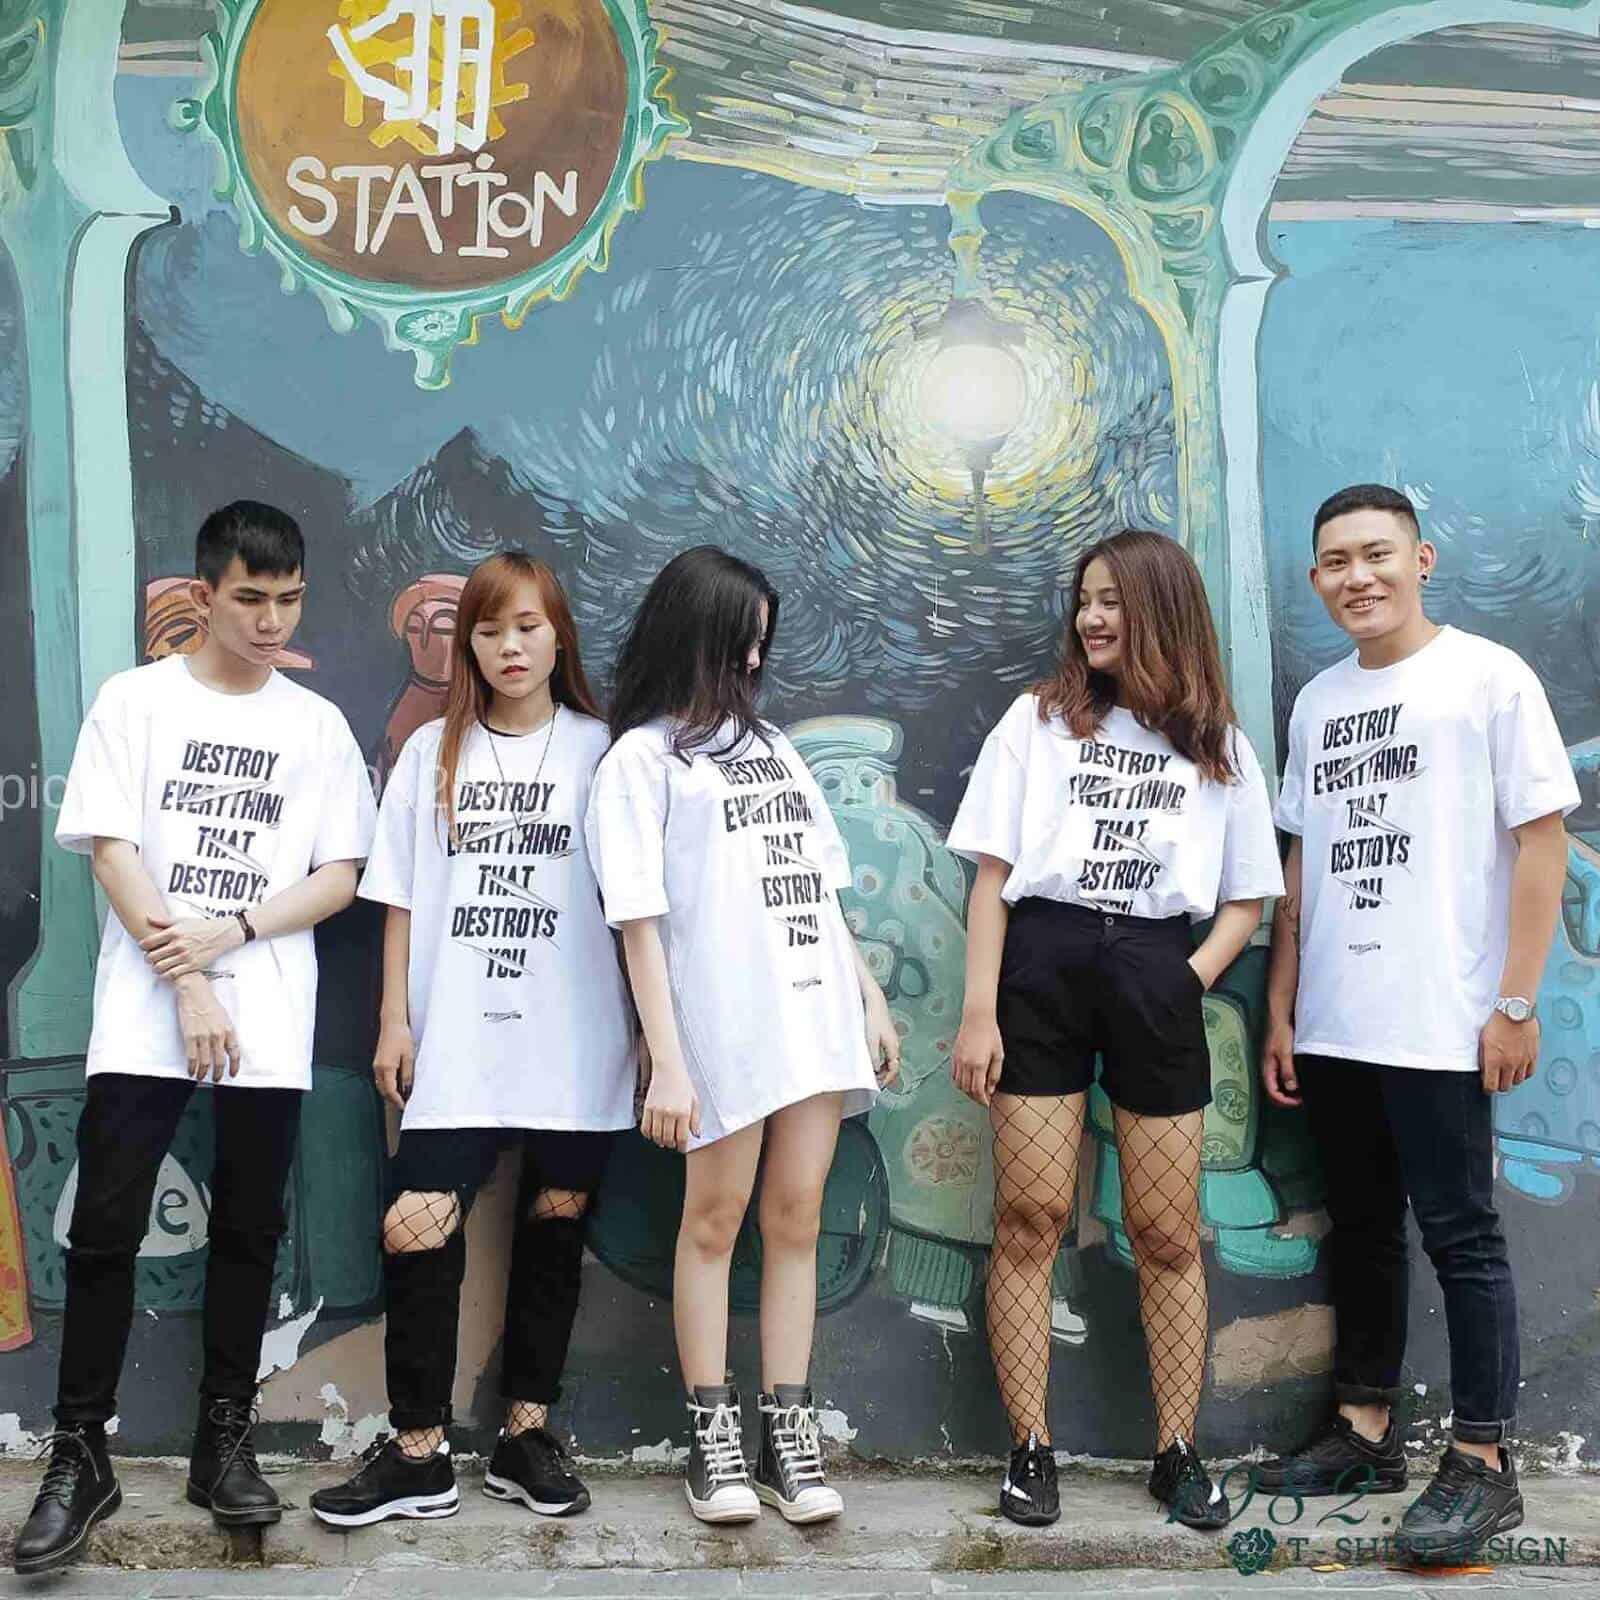 Áo đồng phục nhóm trẻ trung cá tính